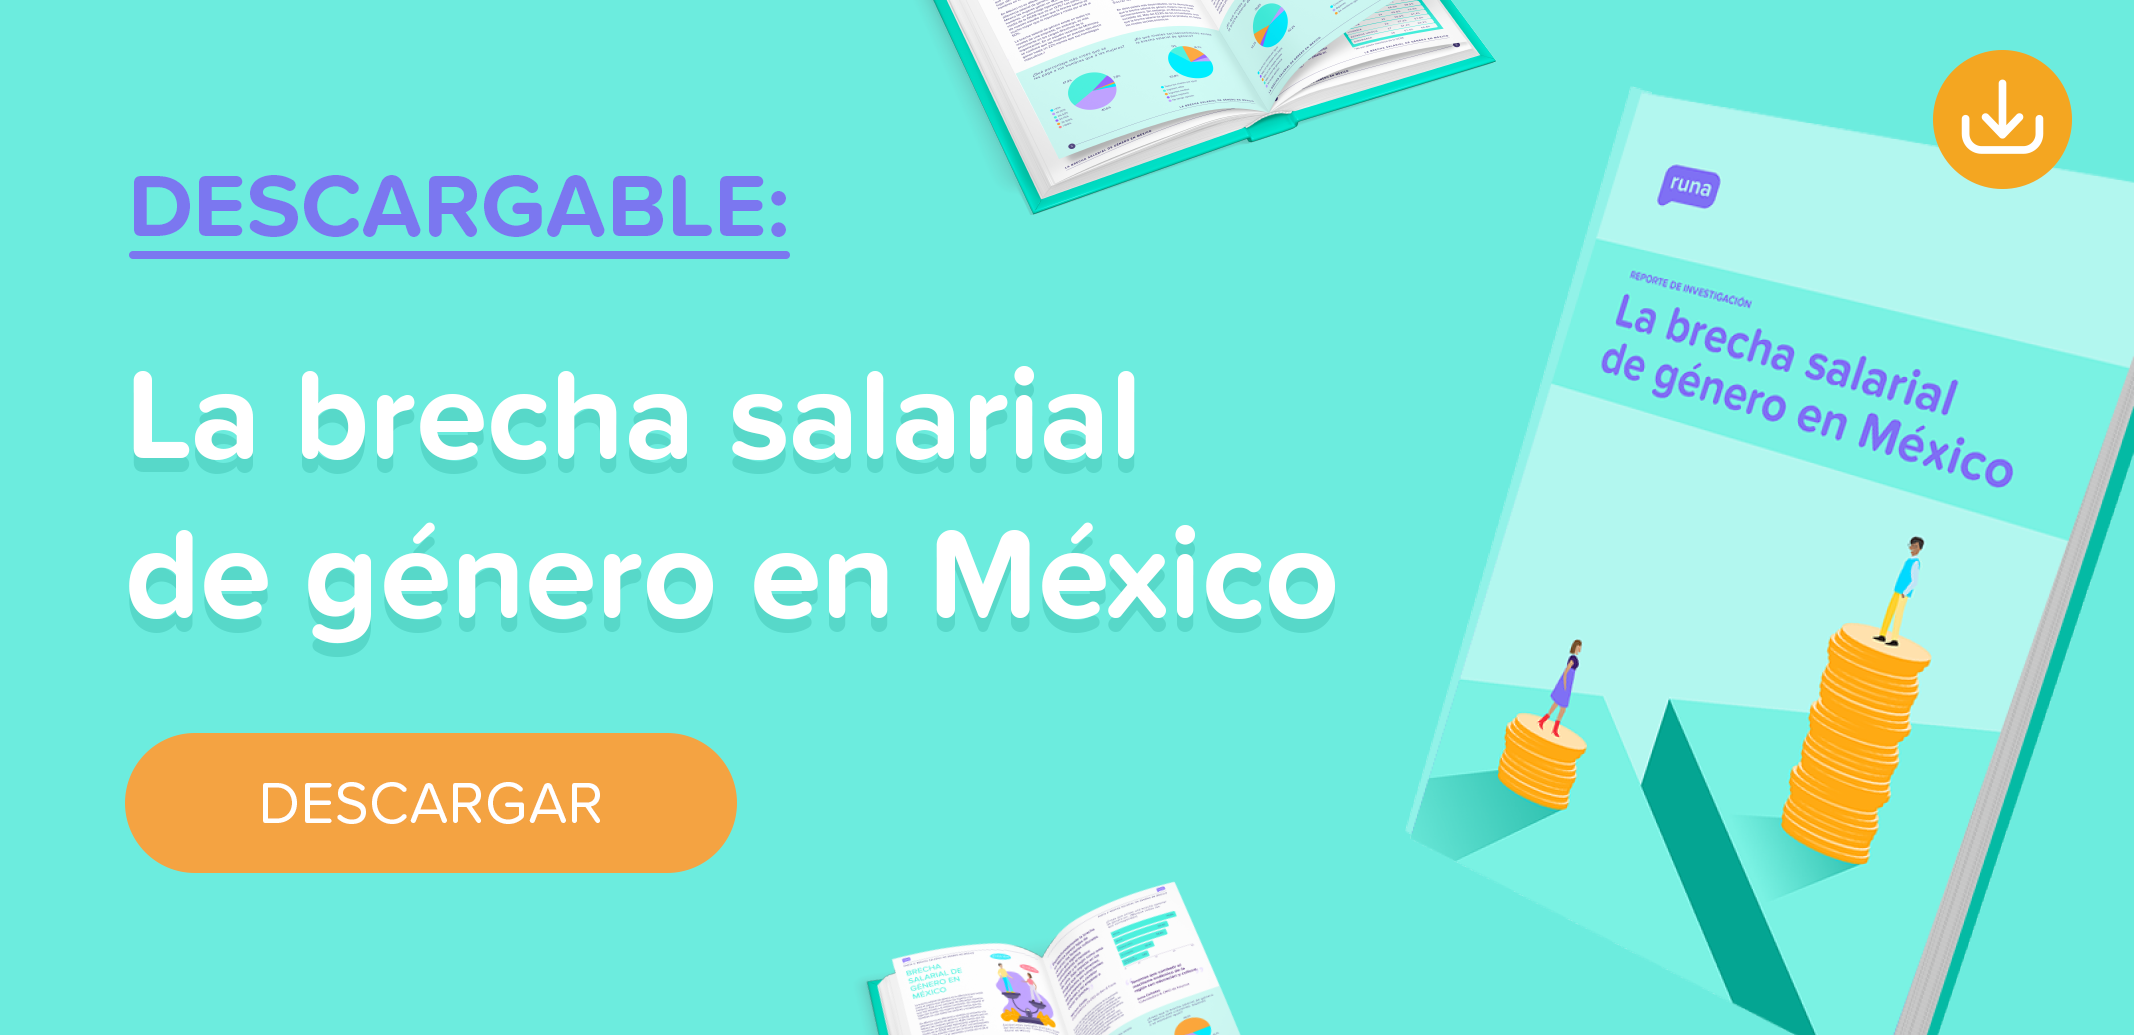 La brecha salarial de género en México   Runa HR